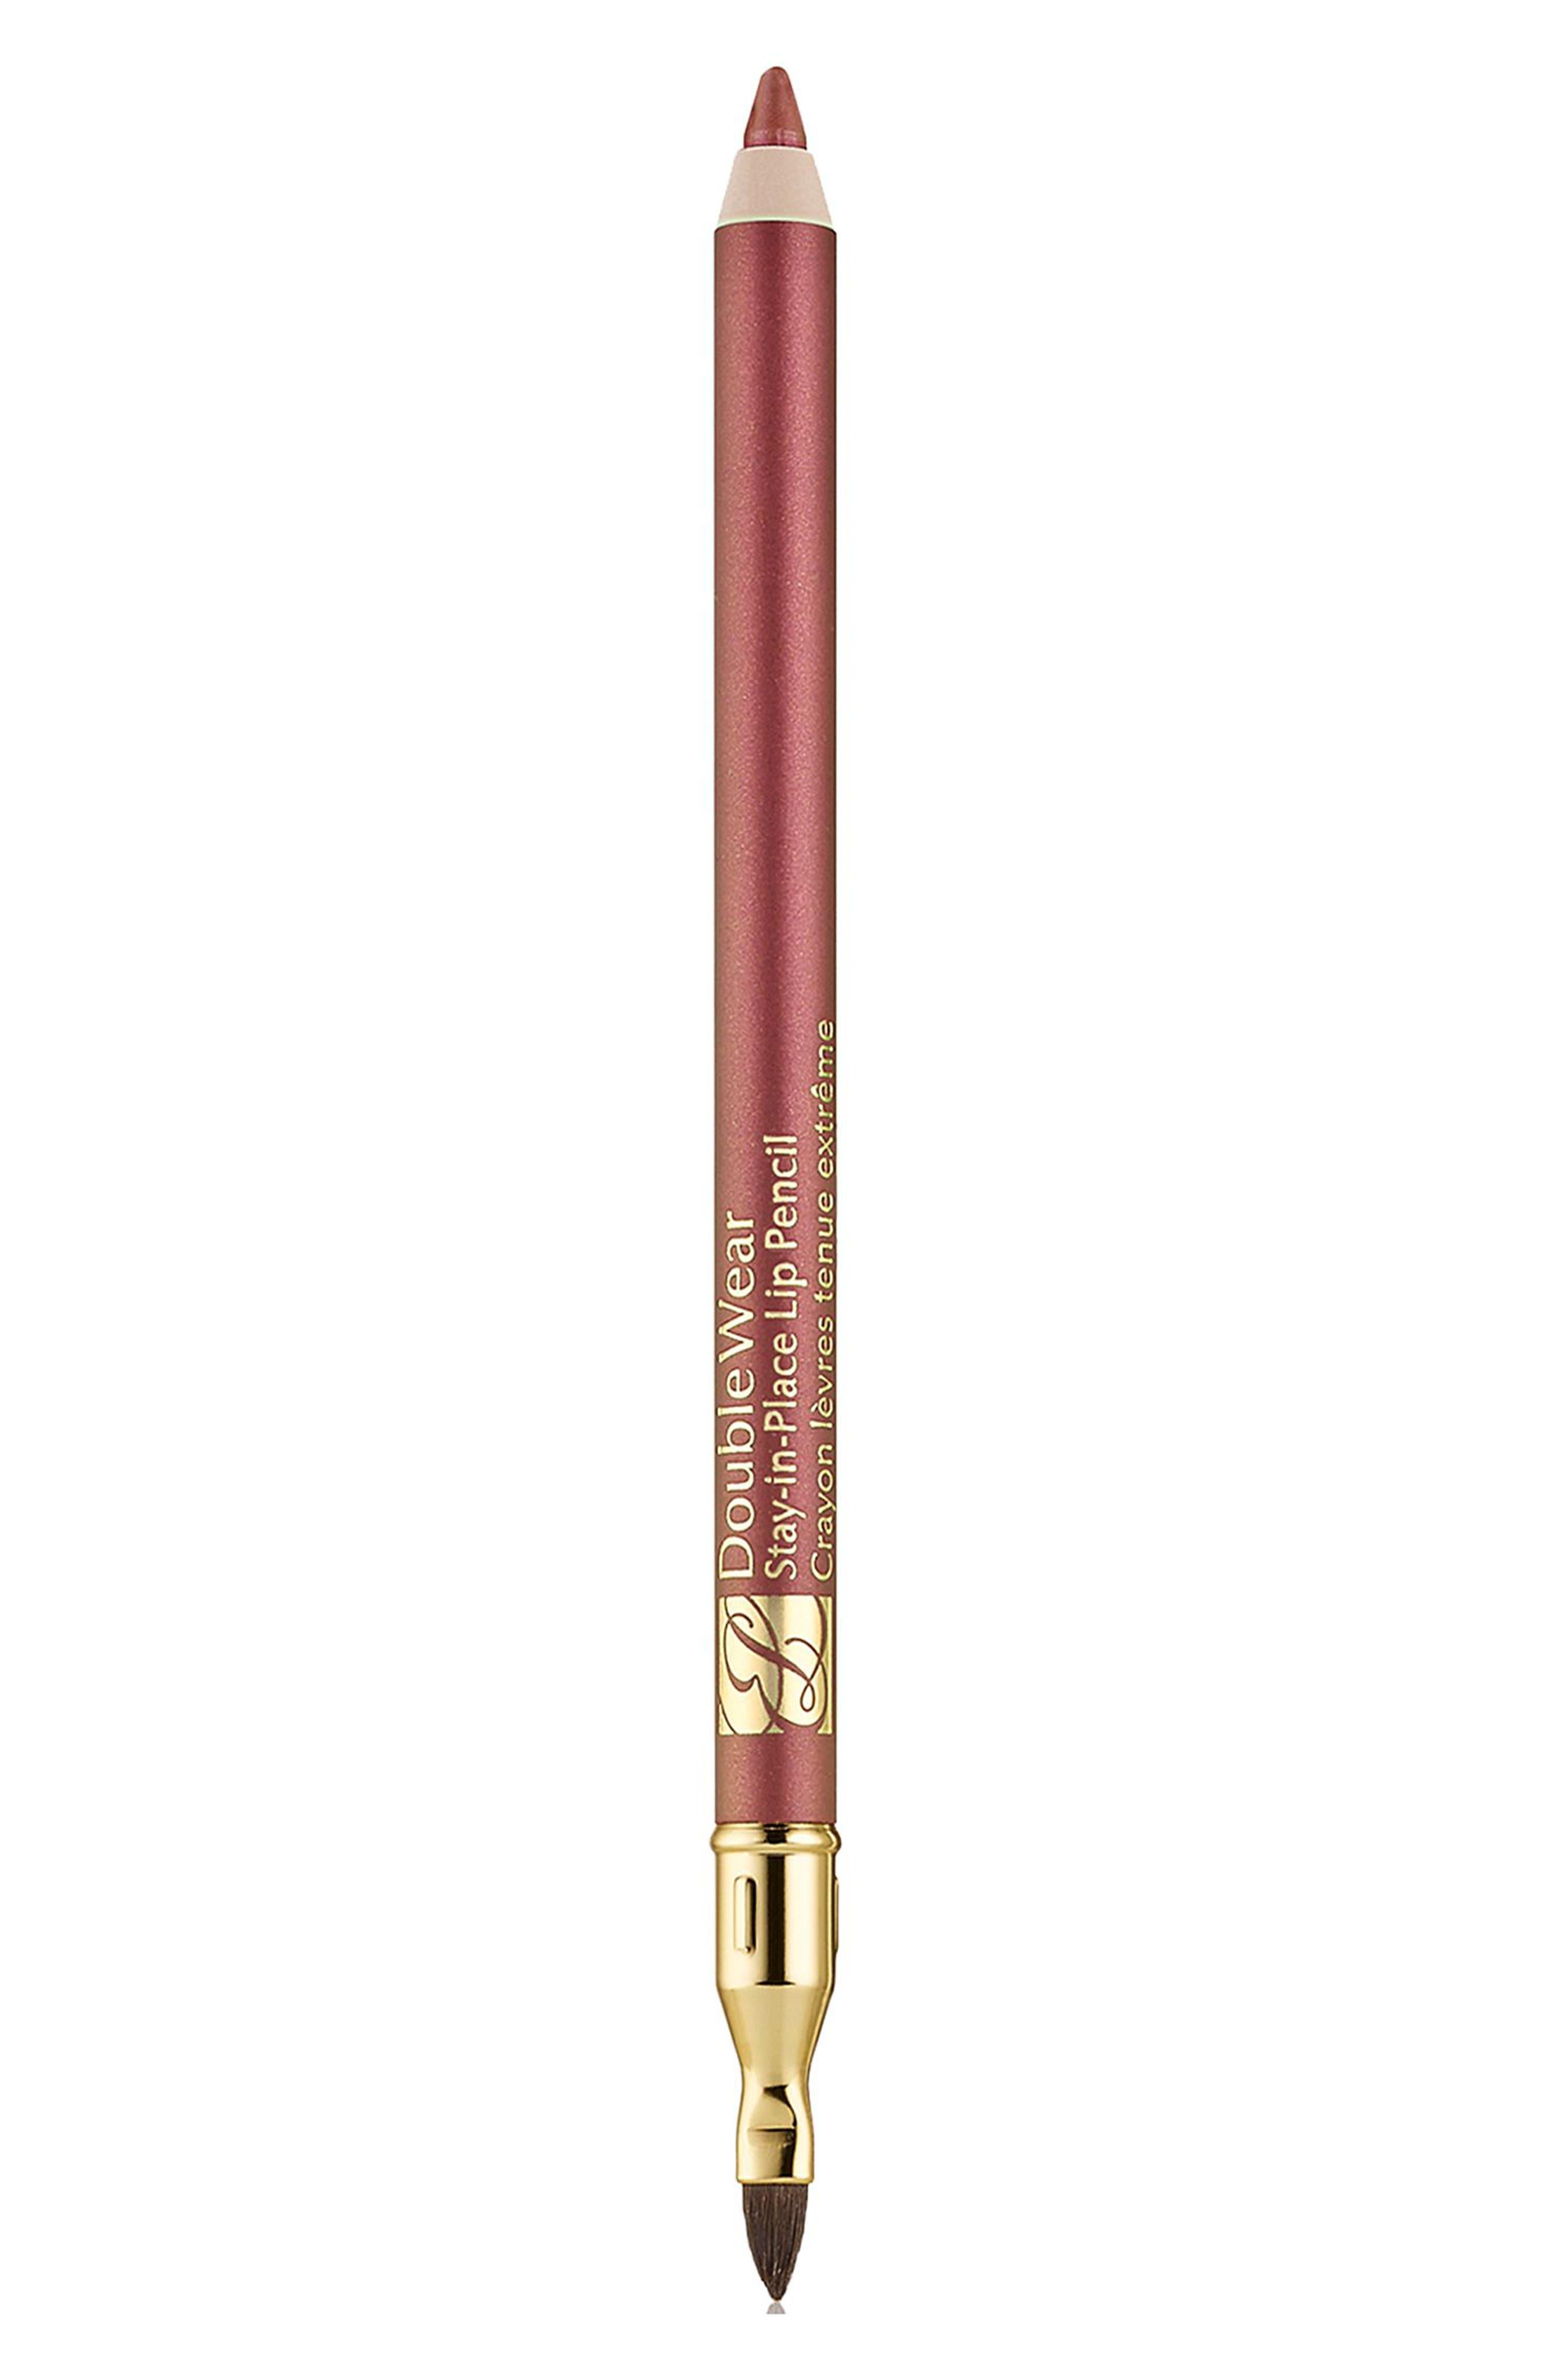 Estee Lauder Double Wear Stay-In-Place Lip Pencil - Mocha